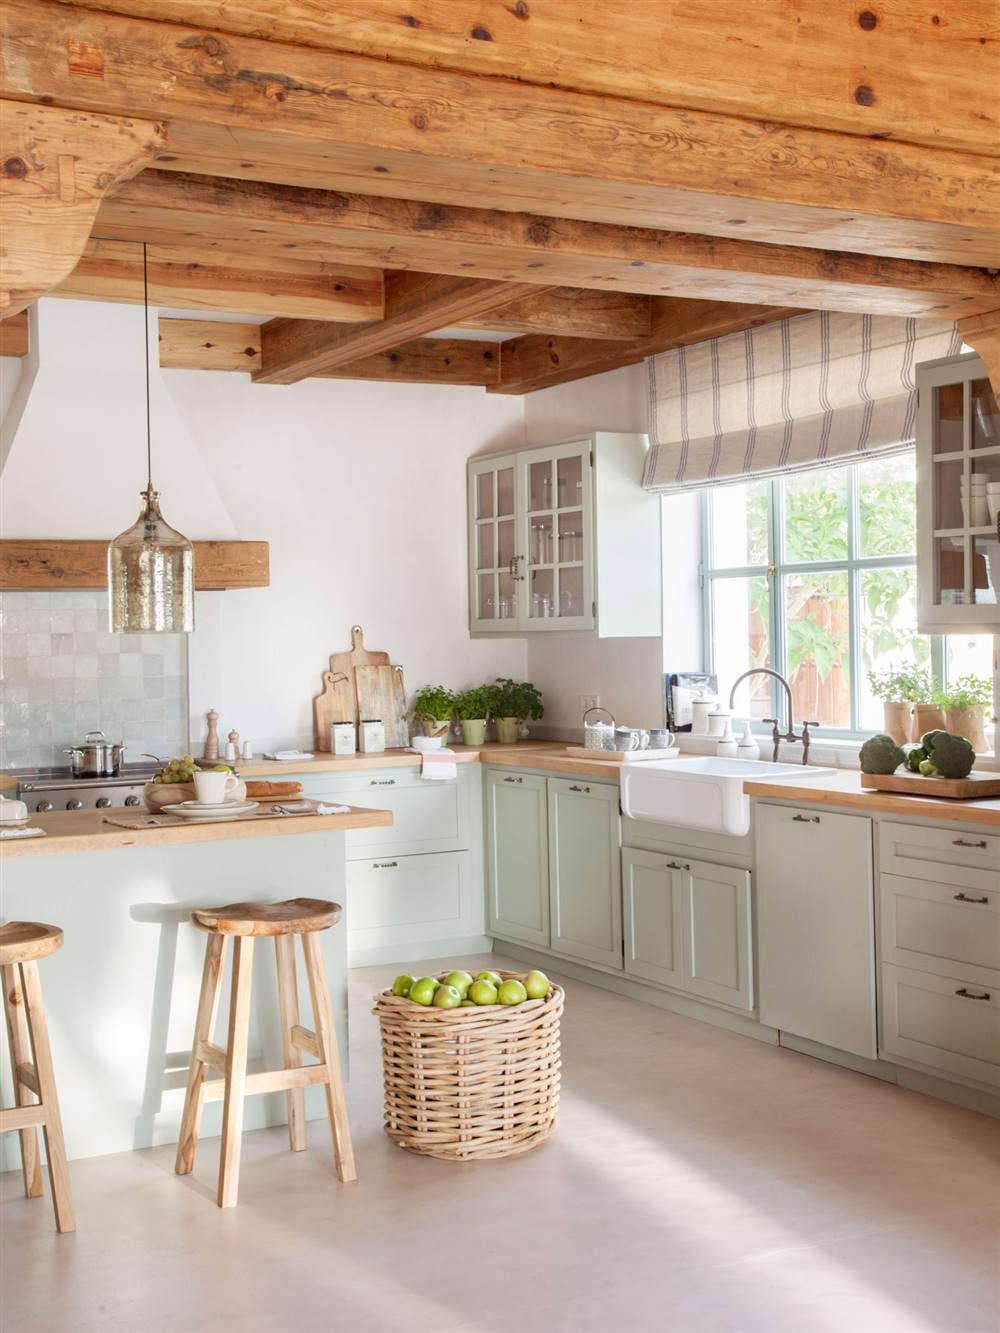 3521 fotos de cocinas - Encimeras madera cocina ...